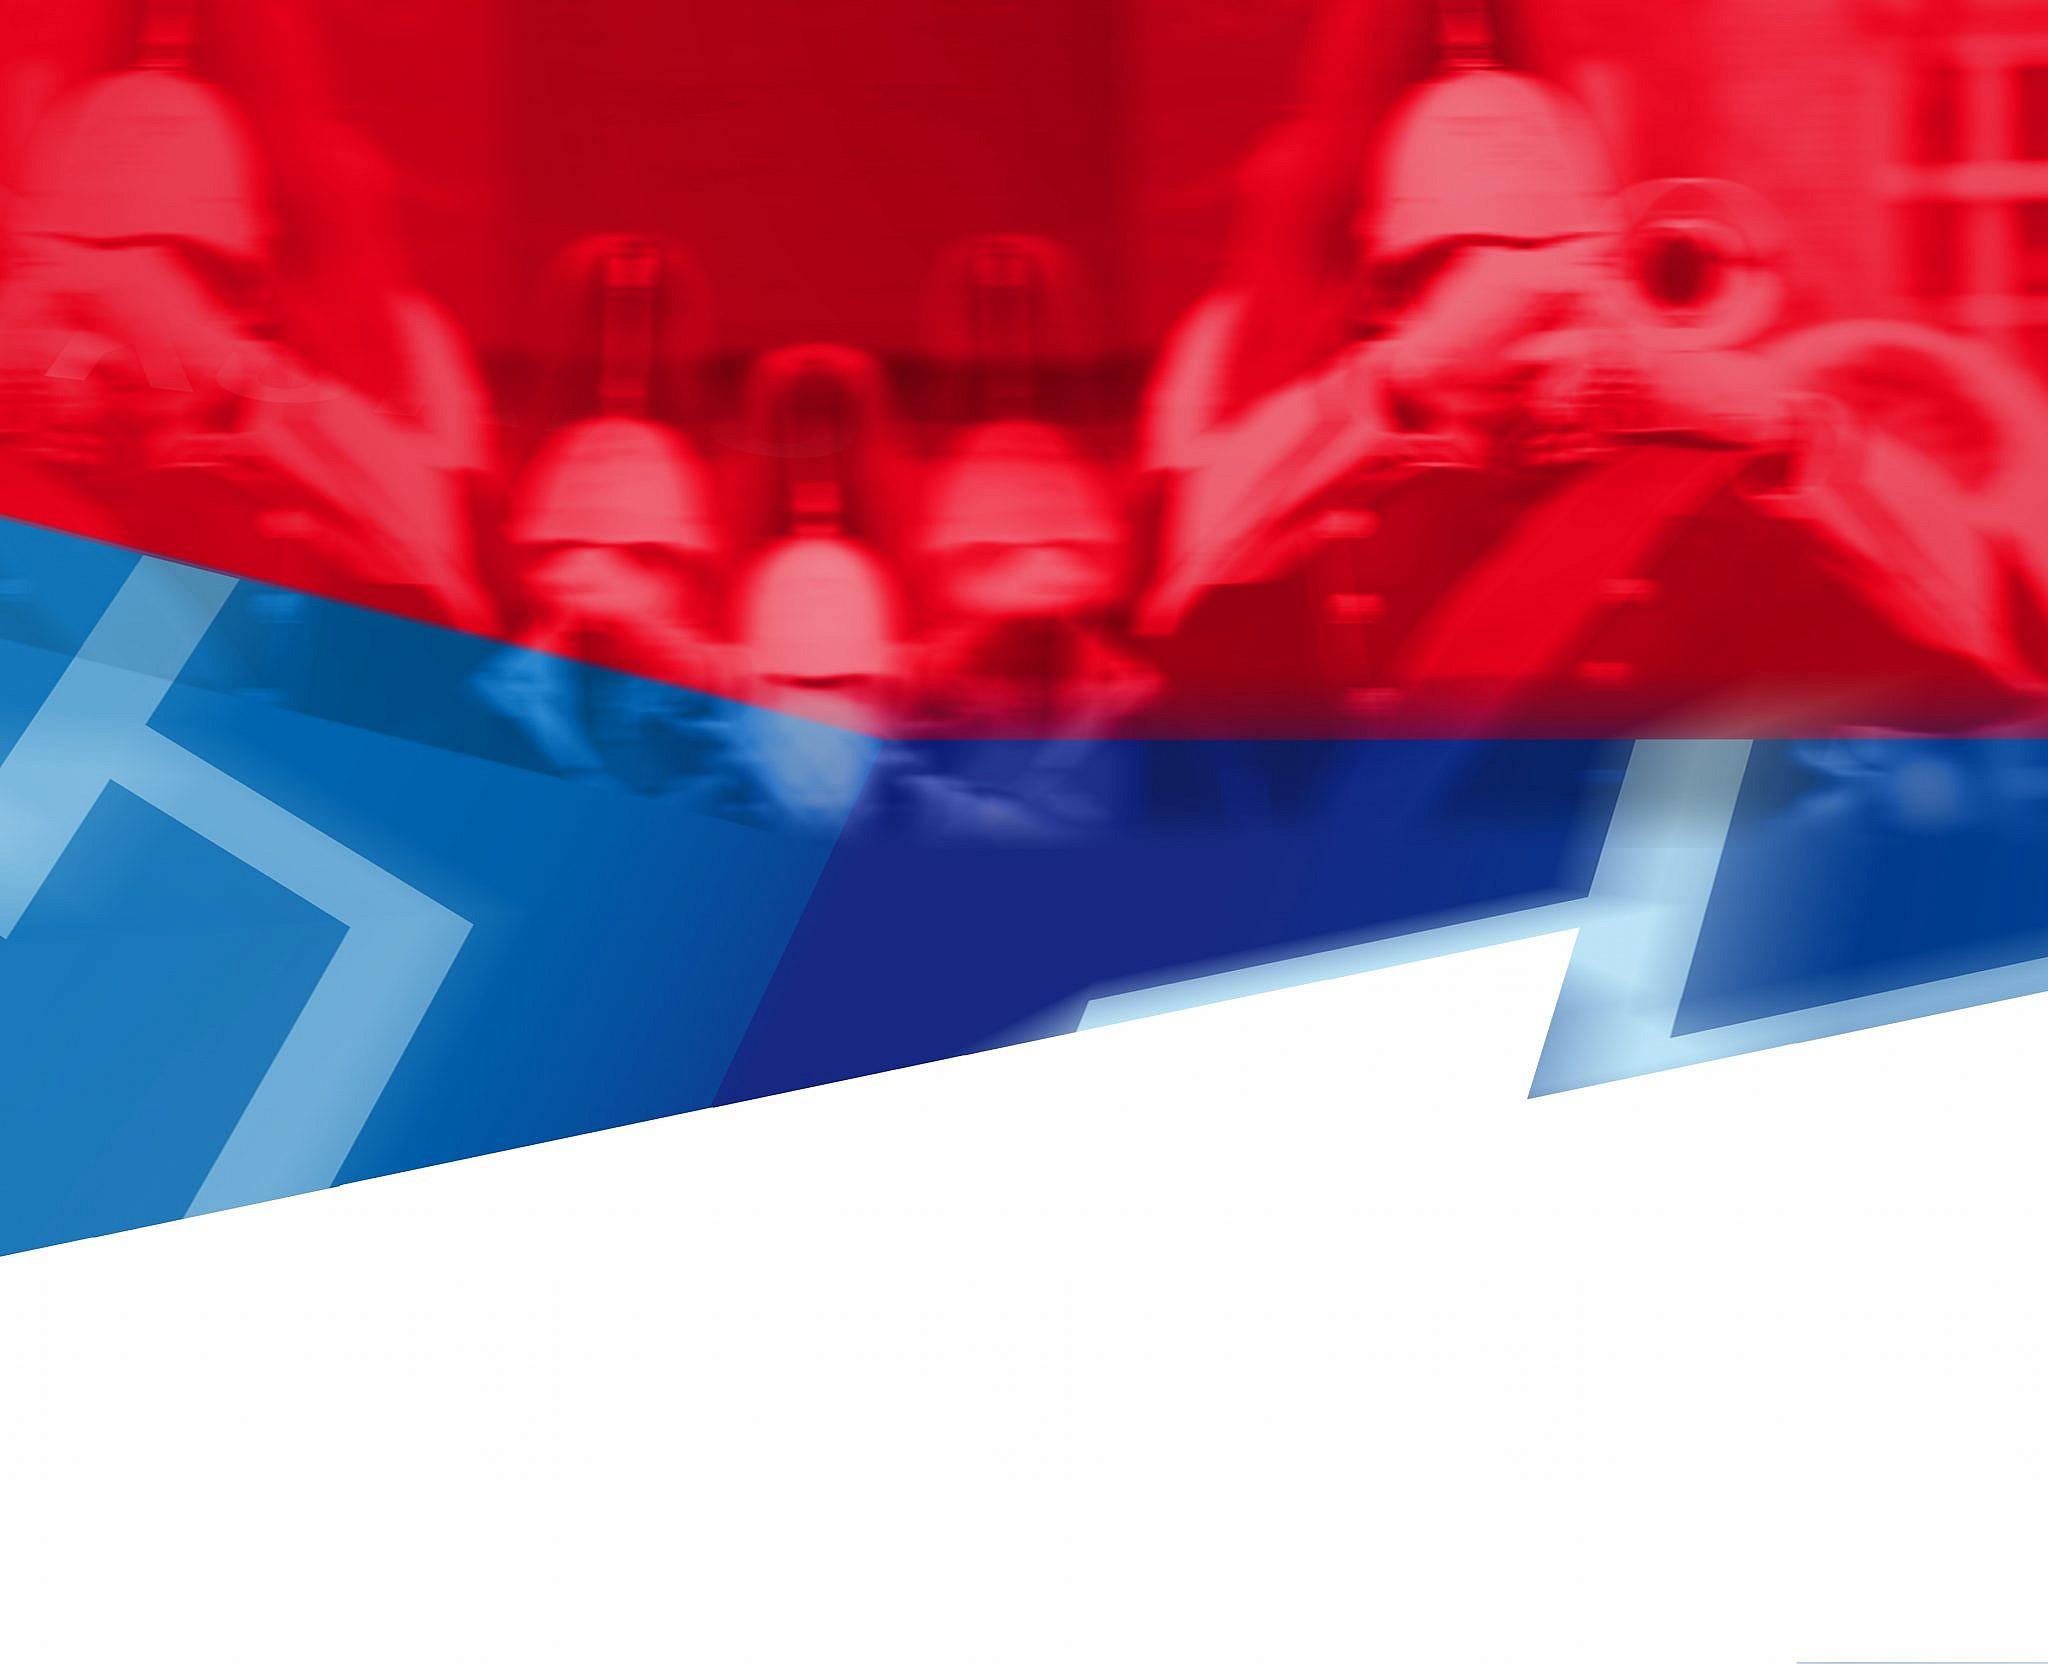 Jeugdcorso | Hellevoetsluis | Taptoe Brugge | Brugge | Sail 2018 | Sail Kampen | Kampen | Indoor Percussion | Vriendjes | Bevrijdingstaptoe | Partners | Repetitie | Open repetitie | Liévin | Ceremonie | Emmeloord | Manifestatie | Sint | Sinterklaas | Jeugdfestival | Ledenvergadering | Taptoe Groningen | Taptoe Joure | Avondvierdaagse | Leden | Internationale Hanzedagen | Barbecue | Try Out WMC Jong KTK | Try Out WMC KTK | jubileum op het Wereld Muziek Concours | Buurtfeesten in Kampen | Wereld Muziek Concours | Bloemencorso Vollenhove | airbone wandeltocht oosterbeek | bloemencorso Zundert | Grevenmacher | Bloemencorso Lichtenvoorde | Taptoe Ten Boer | Taptoe Oosterbeek | Jong KTK buurtfeesten | Contactavond van de vereniging KTK | Oktoberfest | Taptoe Zwolle | Intocht Sinterklaas Kampen | Nieuwjaarsreceptie | Lampionoptocht Kampen | 39e Taptoe Kampen | Showkorpsendag | Taptoe Almelo | Nieuwjaarsreceptie 2017, KTK, Jong KTK, KTK Music Kidz, Kampen, SamenLoop voor hoop | Website | meinerzhagen | Samenloop voor Hoop | Jubileum taptoe 's-Hertogenbosch | Avondvierdaagse | Vierdaagse | Zwolle | Avondvierdaagse